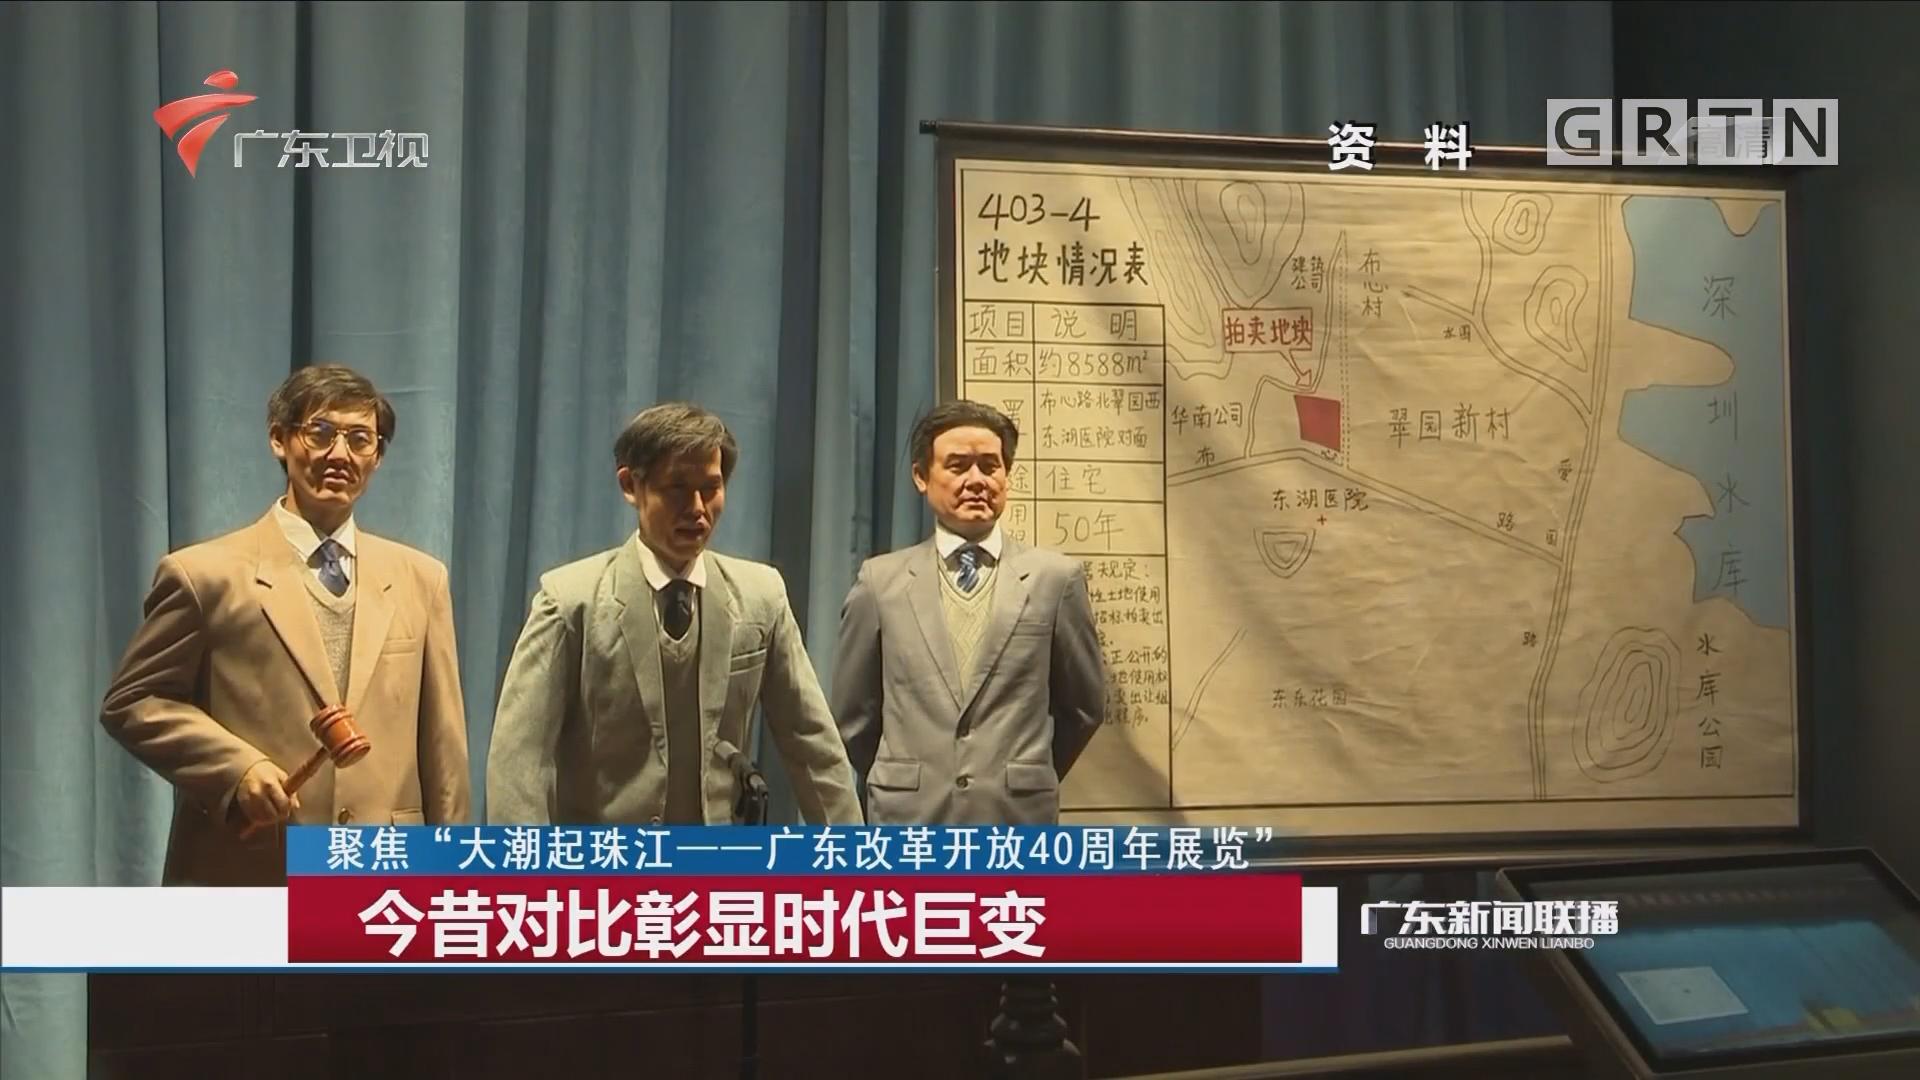 """""""大潮起珠江——广东改革开放40周年展览""""今昔对比彰显时代巨变"""